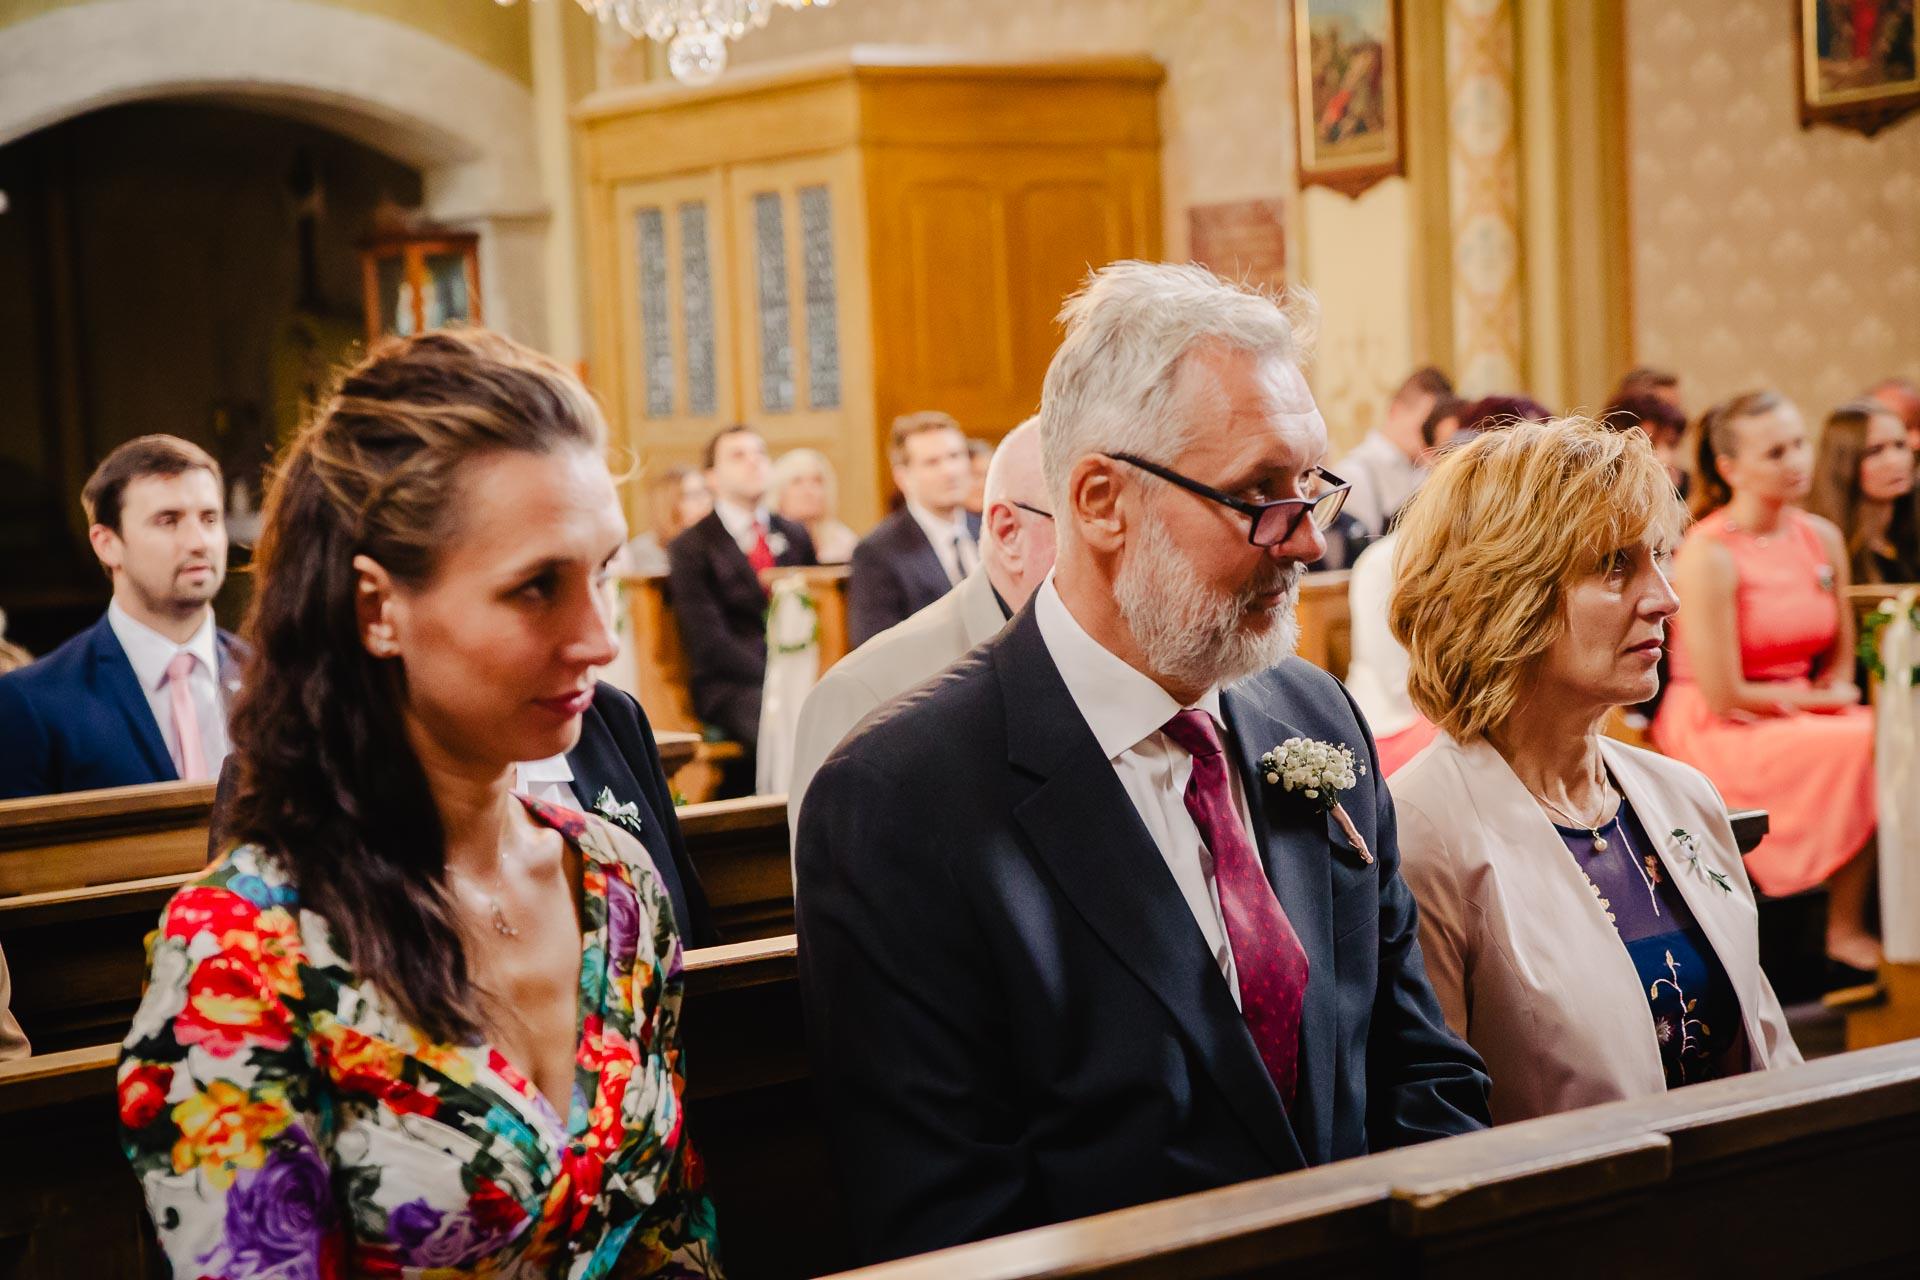 svatební fotograf Praha,svatba střední čechy, církevní obřad, svatba v kostele, nejhezčí svatební fotografie-2327